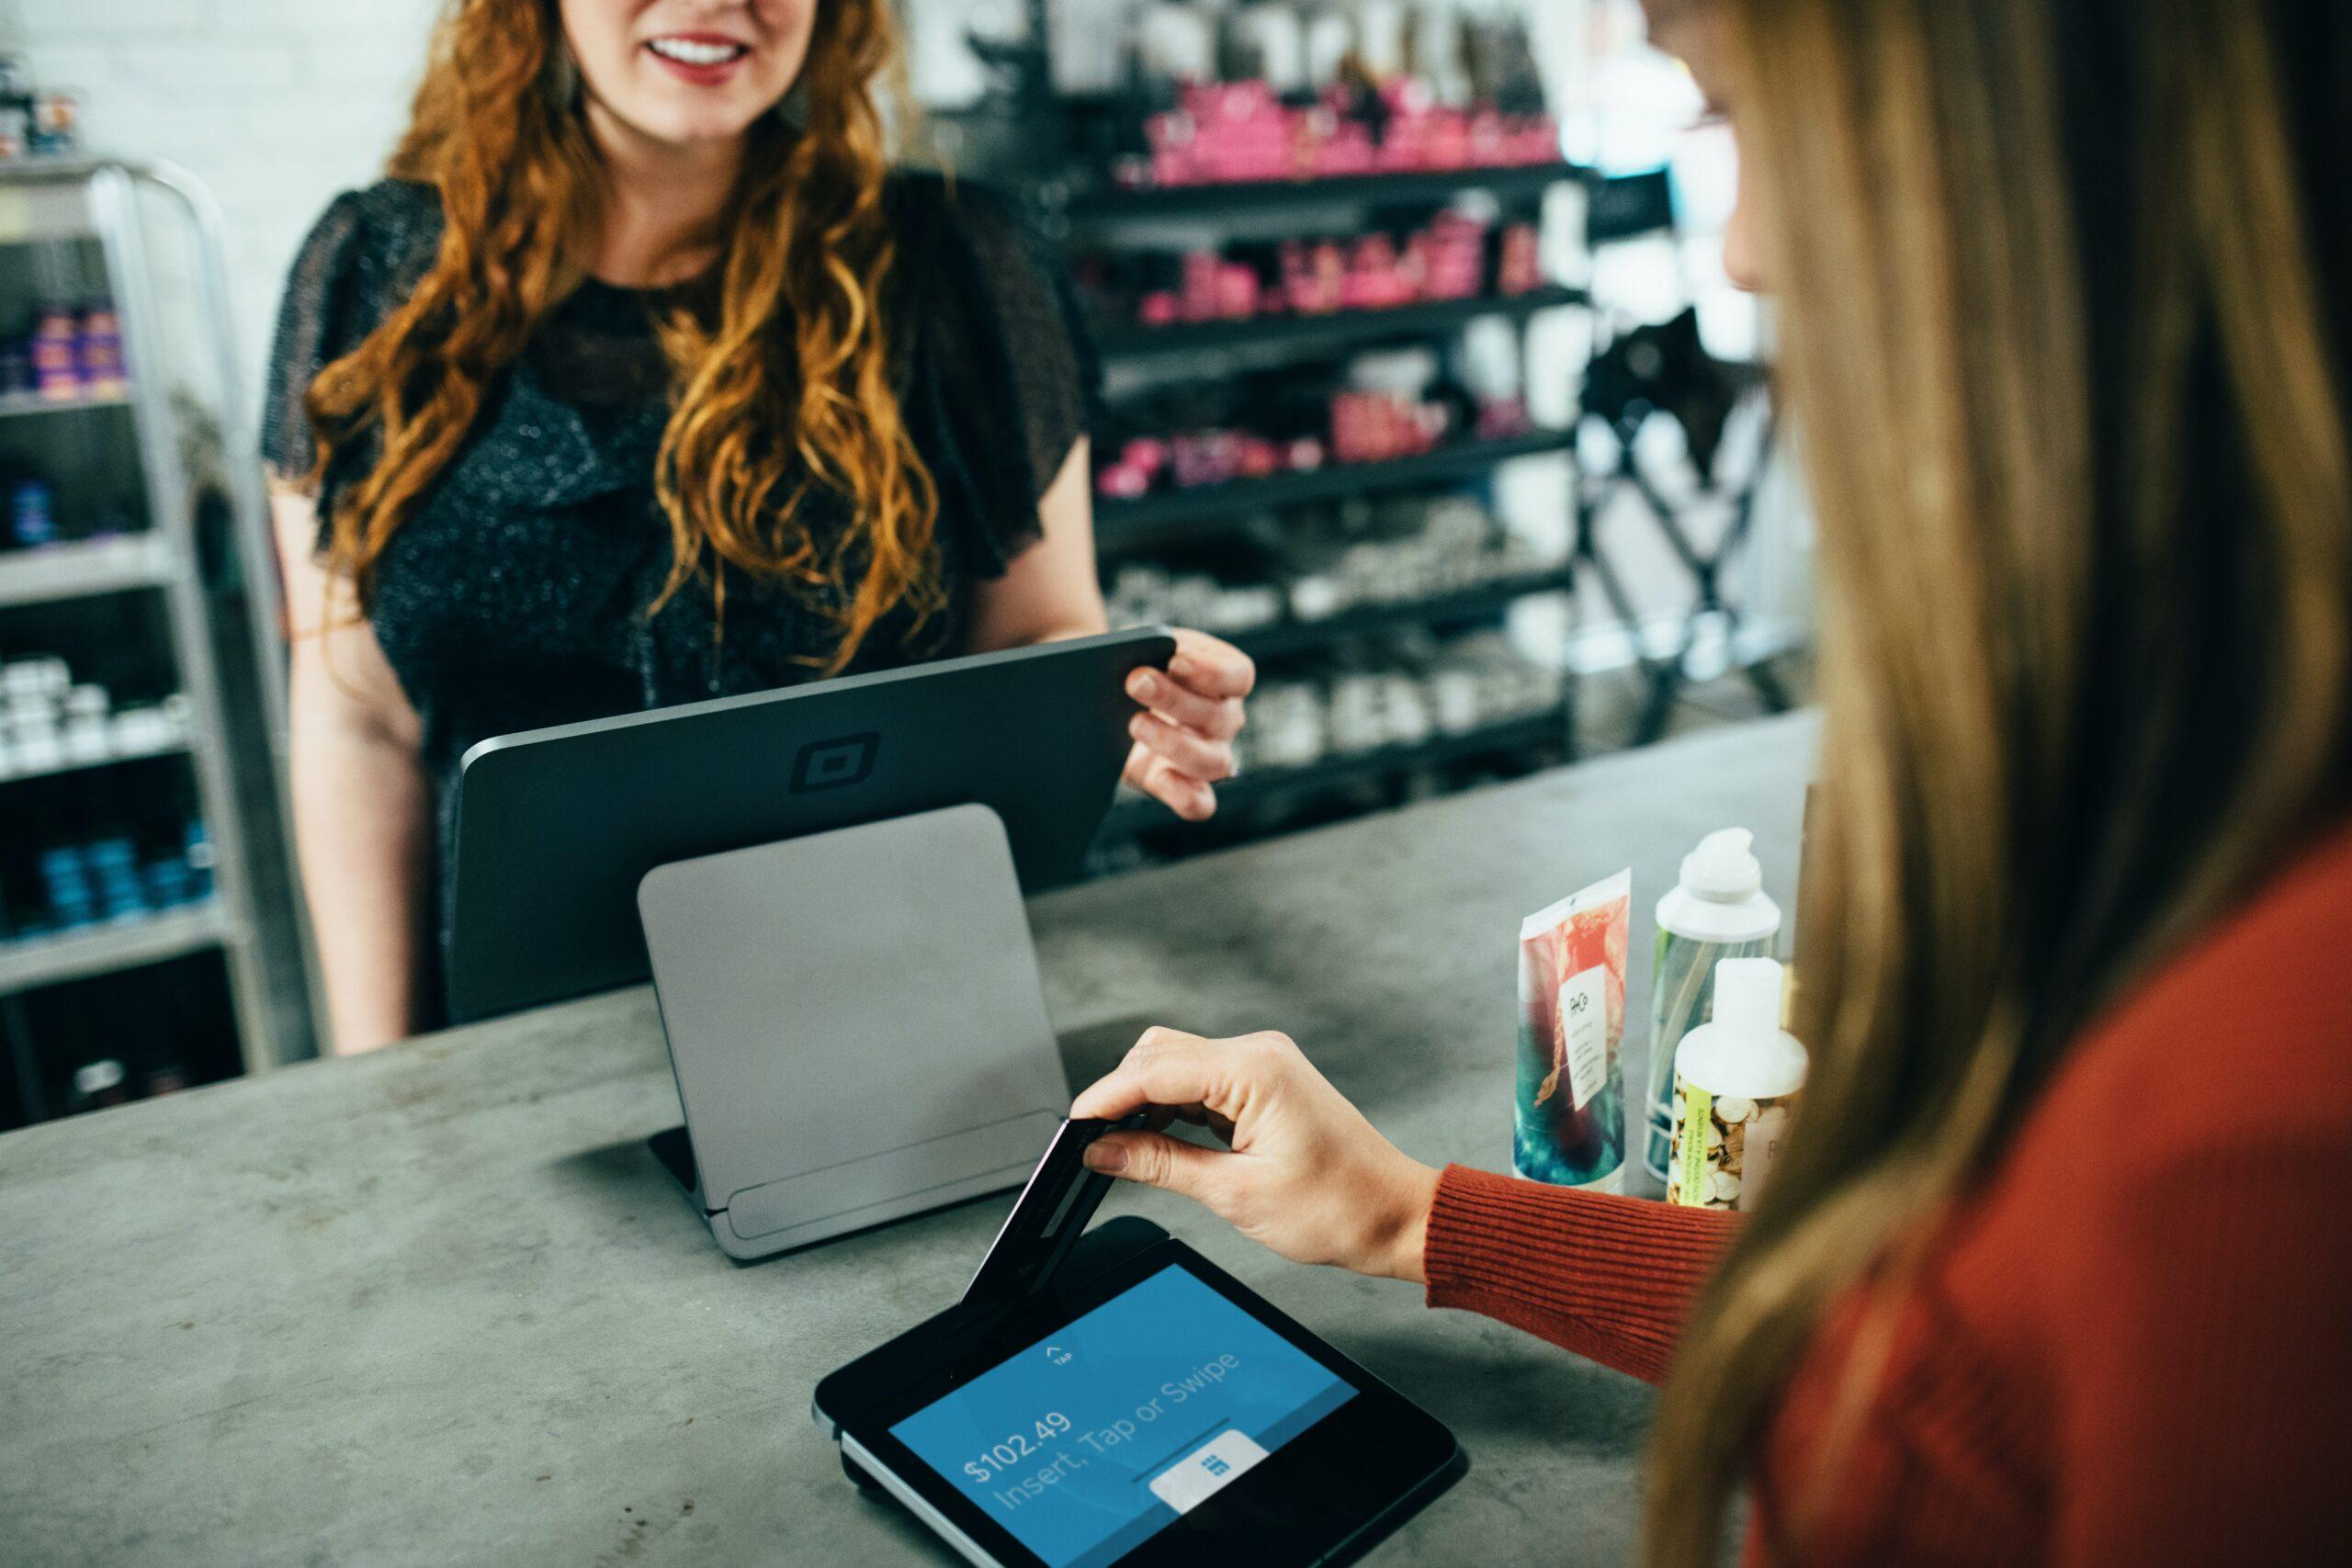 CRM: identifiera företagets mest lönsamma kunder och fokusera på att skaffa fler av dem